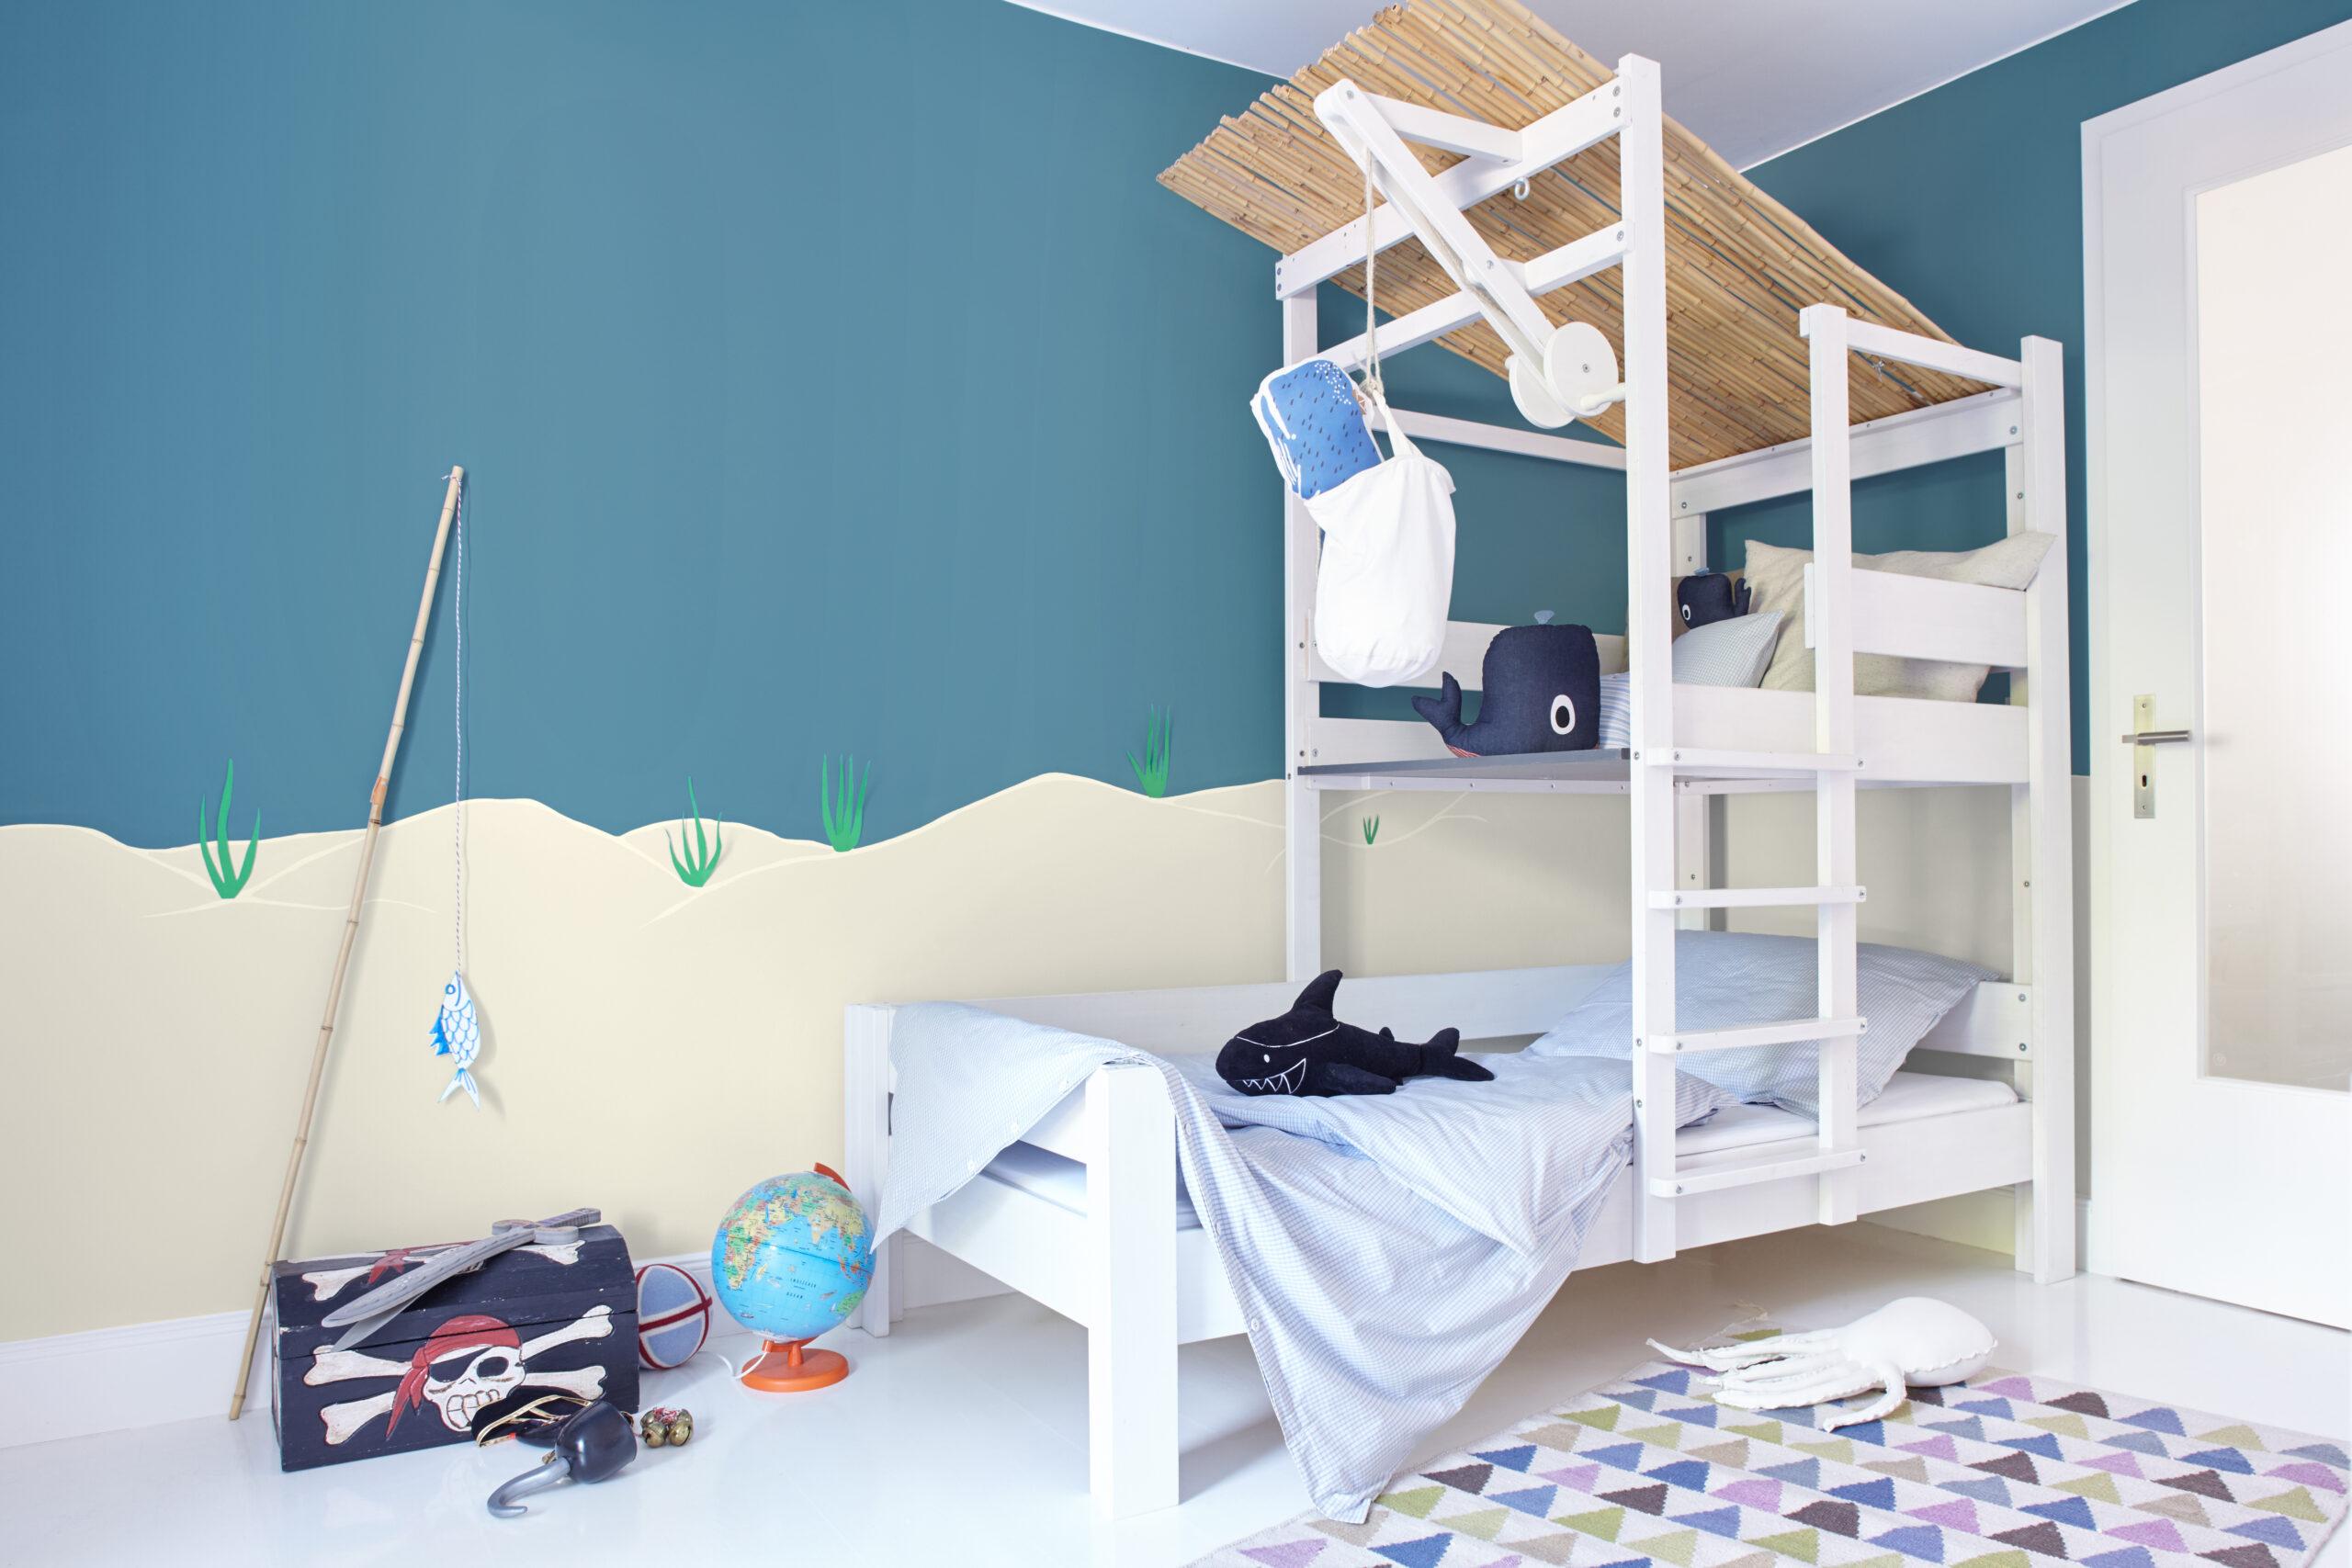 Full Size of Piraten Kinderzimmer Themenzimmer Fr Gestalten Und Einrichten Sofa Regal Weiß Regale Kinderzimmer Piraten Kinderzimmer